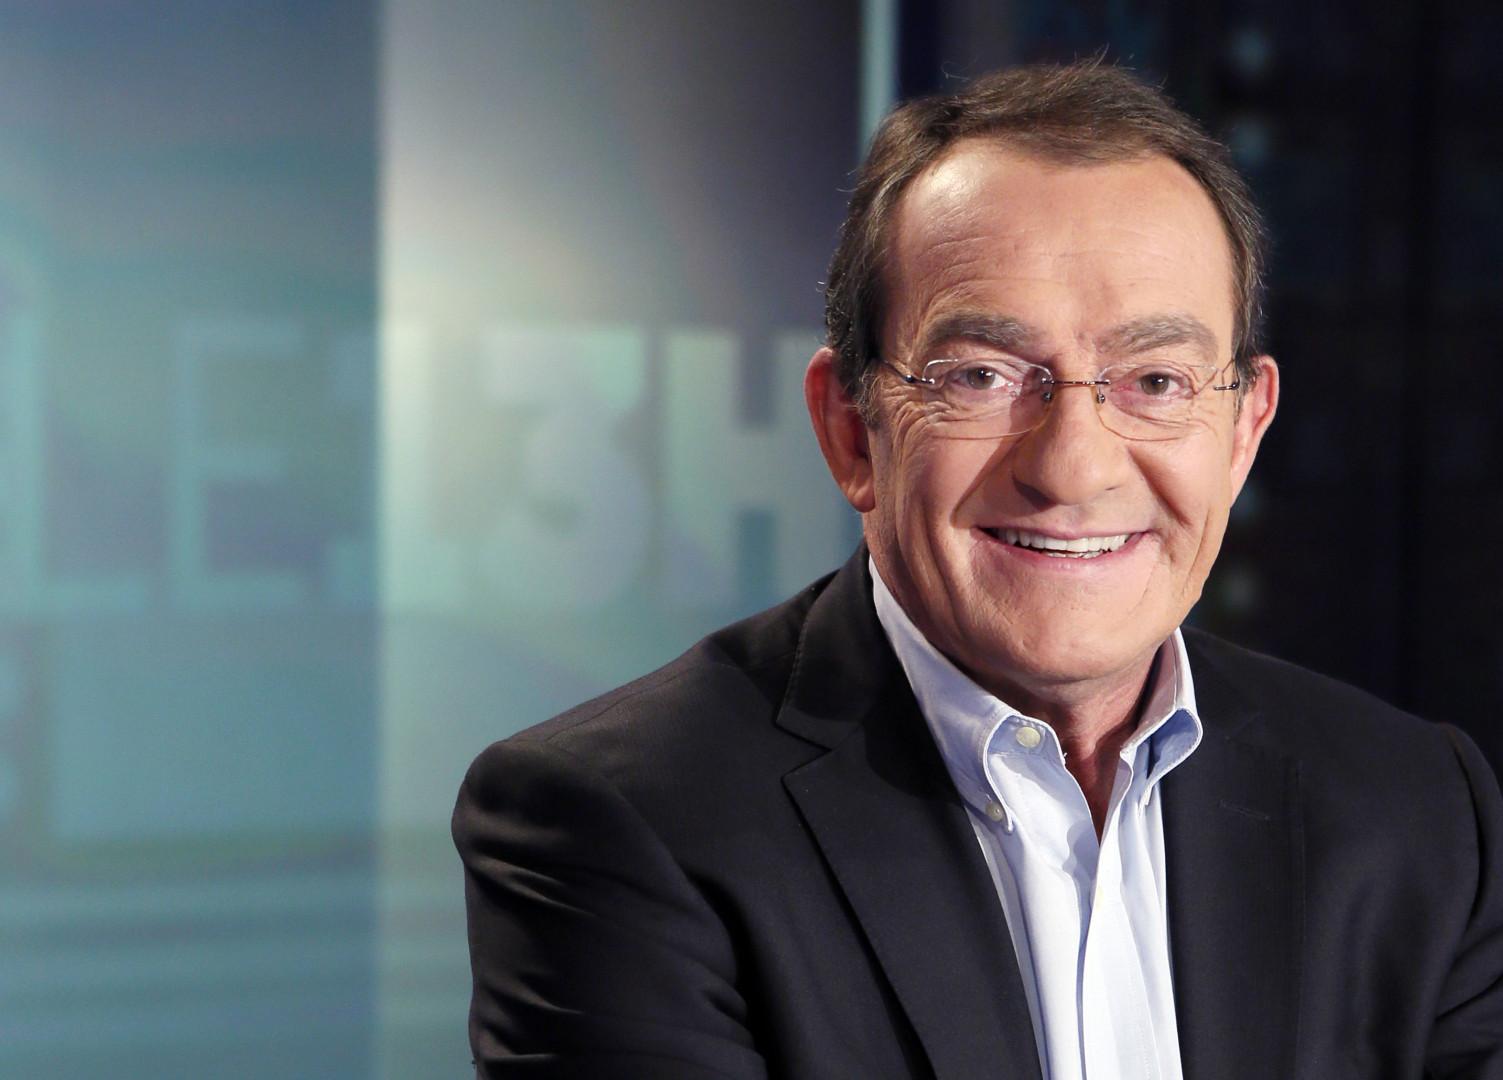 Le présentateur du 13h de TF1 Jean-Pierre Pernaut le 13 février 2013.